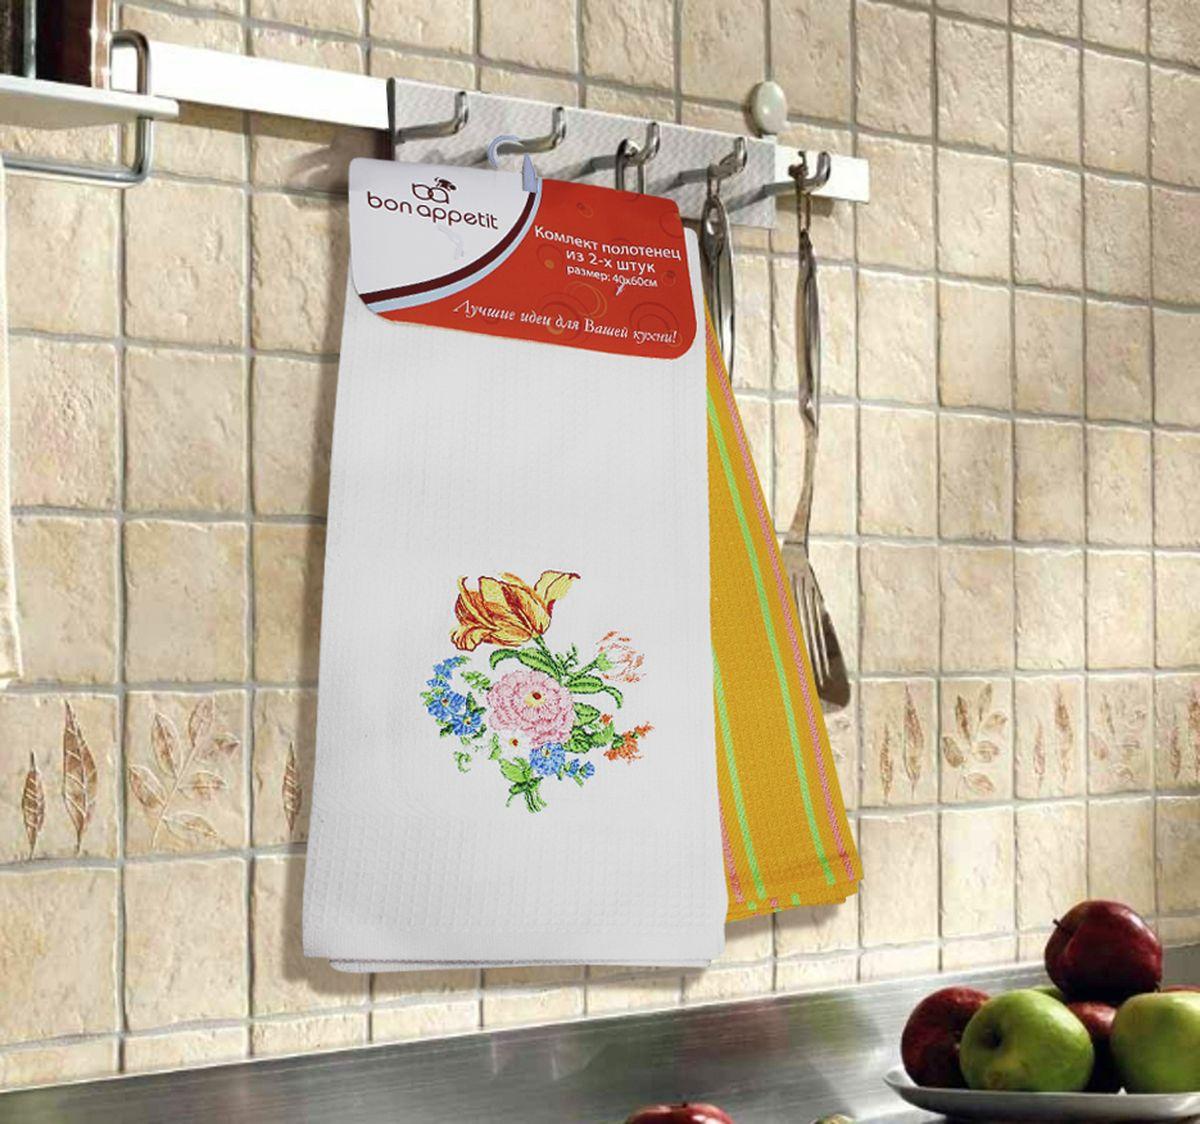 Набор кухонных полотенец Bon Appetit Peony, цвет: белый, желтый, 2 шт64863Кухонные Полотенца Bon Appetit - В помощь хозяйке на кухне!!! Кухонные Полотенца Bon Appetit идеально дополнят интерьер вашей кухни и создадут атмосферу уюта и комфорта. Полотенца выполнены из натурального 100% Хлопка, поэтому являются экологически чистыми. Качество материала гарантирует безопасность не только взрослых, но и самых маленьких членов семьи. Bon Appetit – Интерьер и Практичность Современной Кухни!